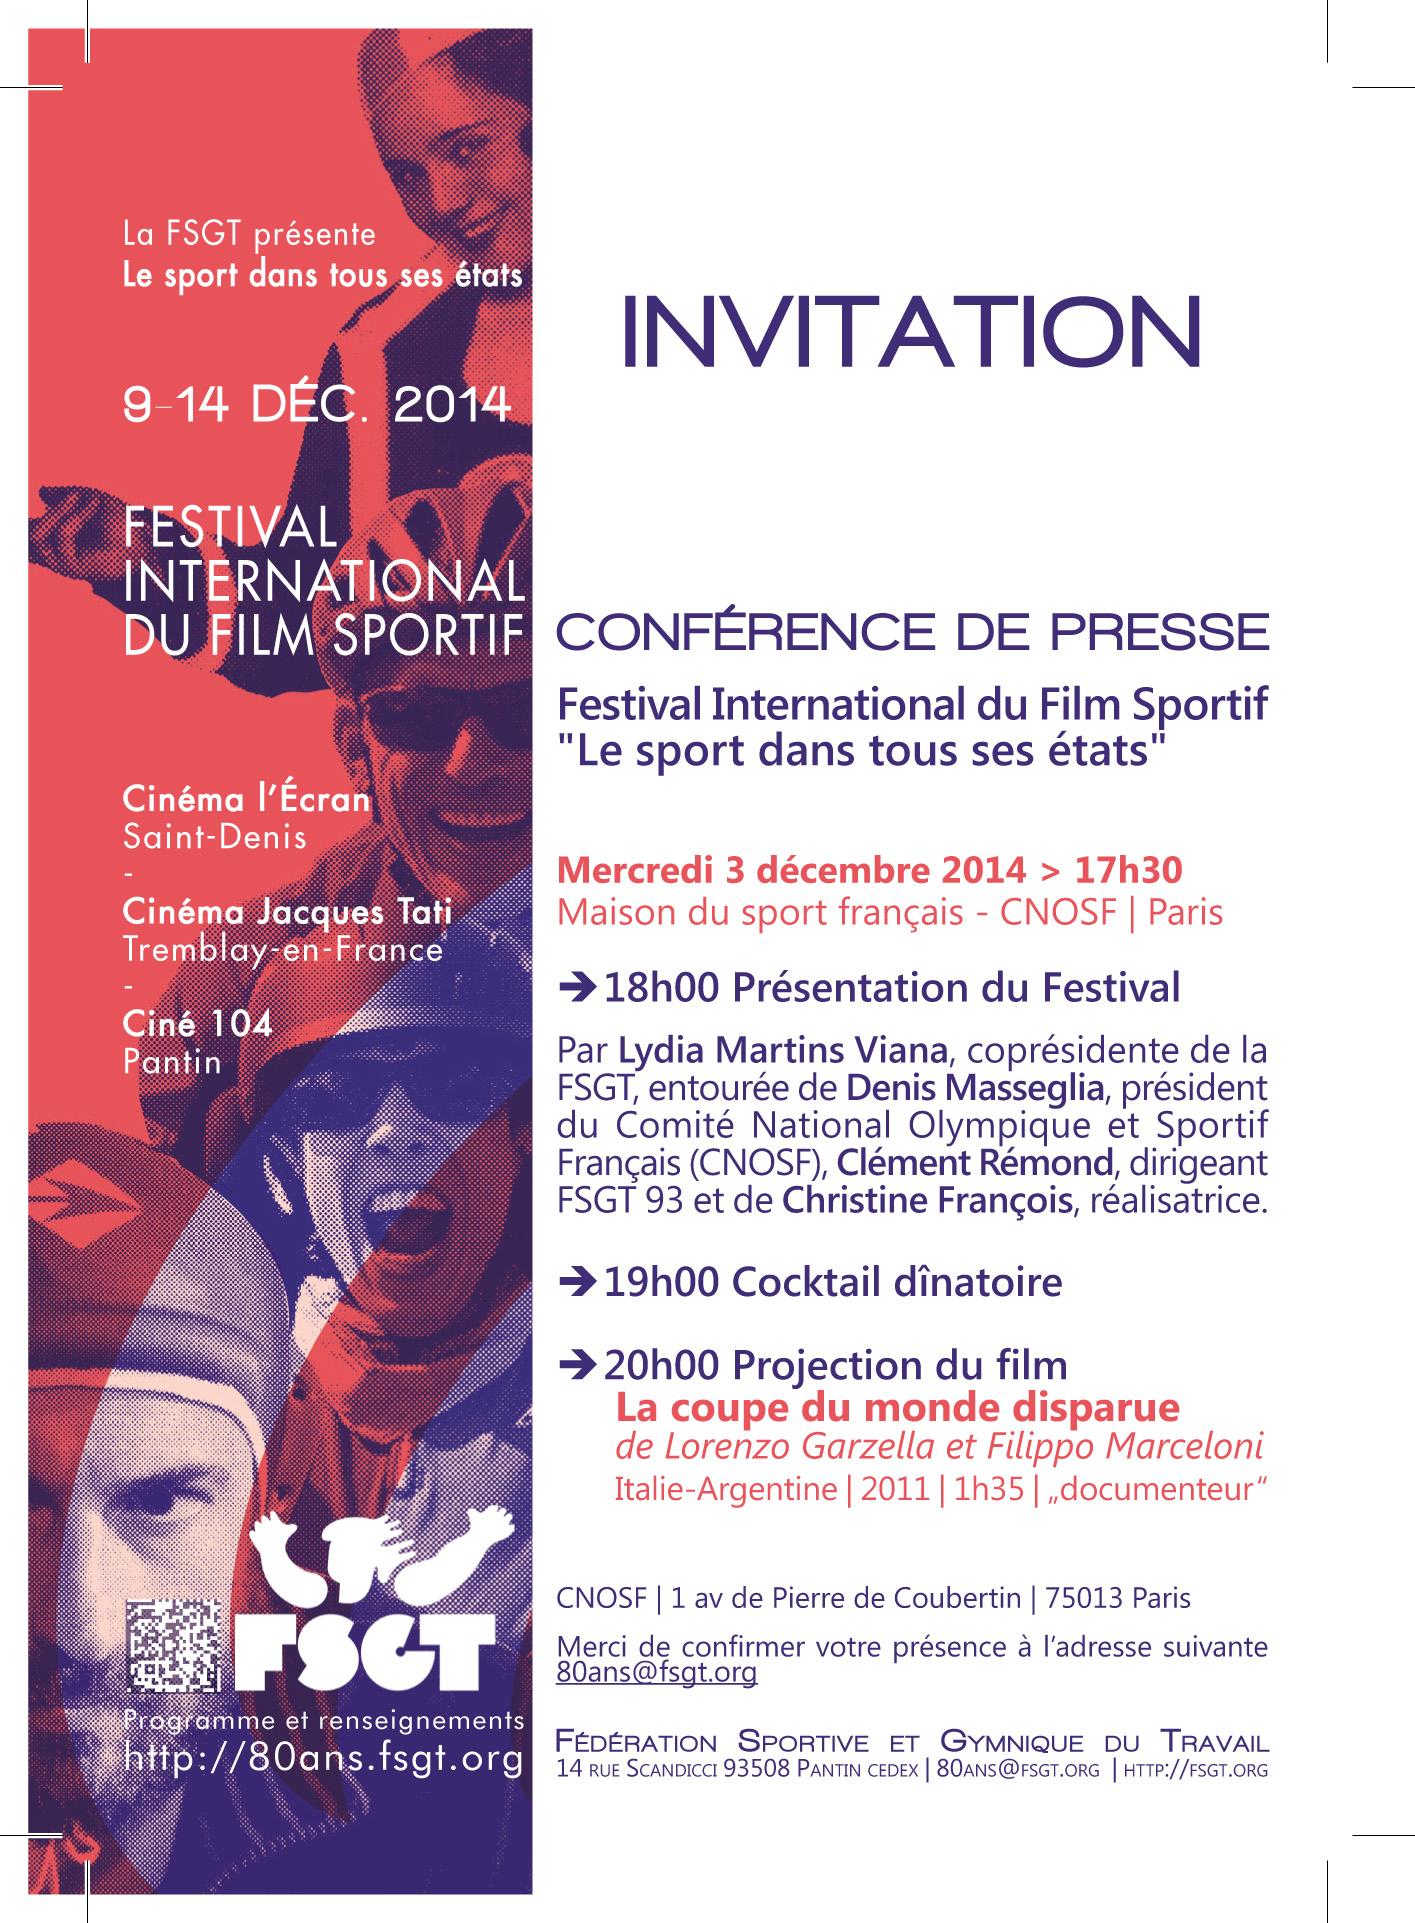 Site De Rencontre Gratuit Sans Inscription Avec Photo Et Cougar Rencontre Gratuit, Banne